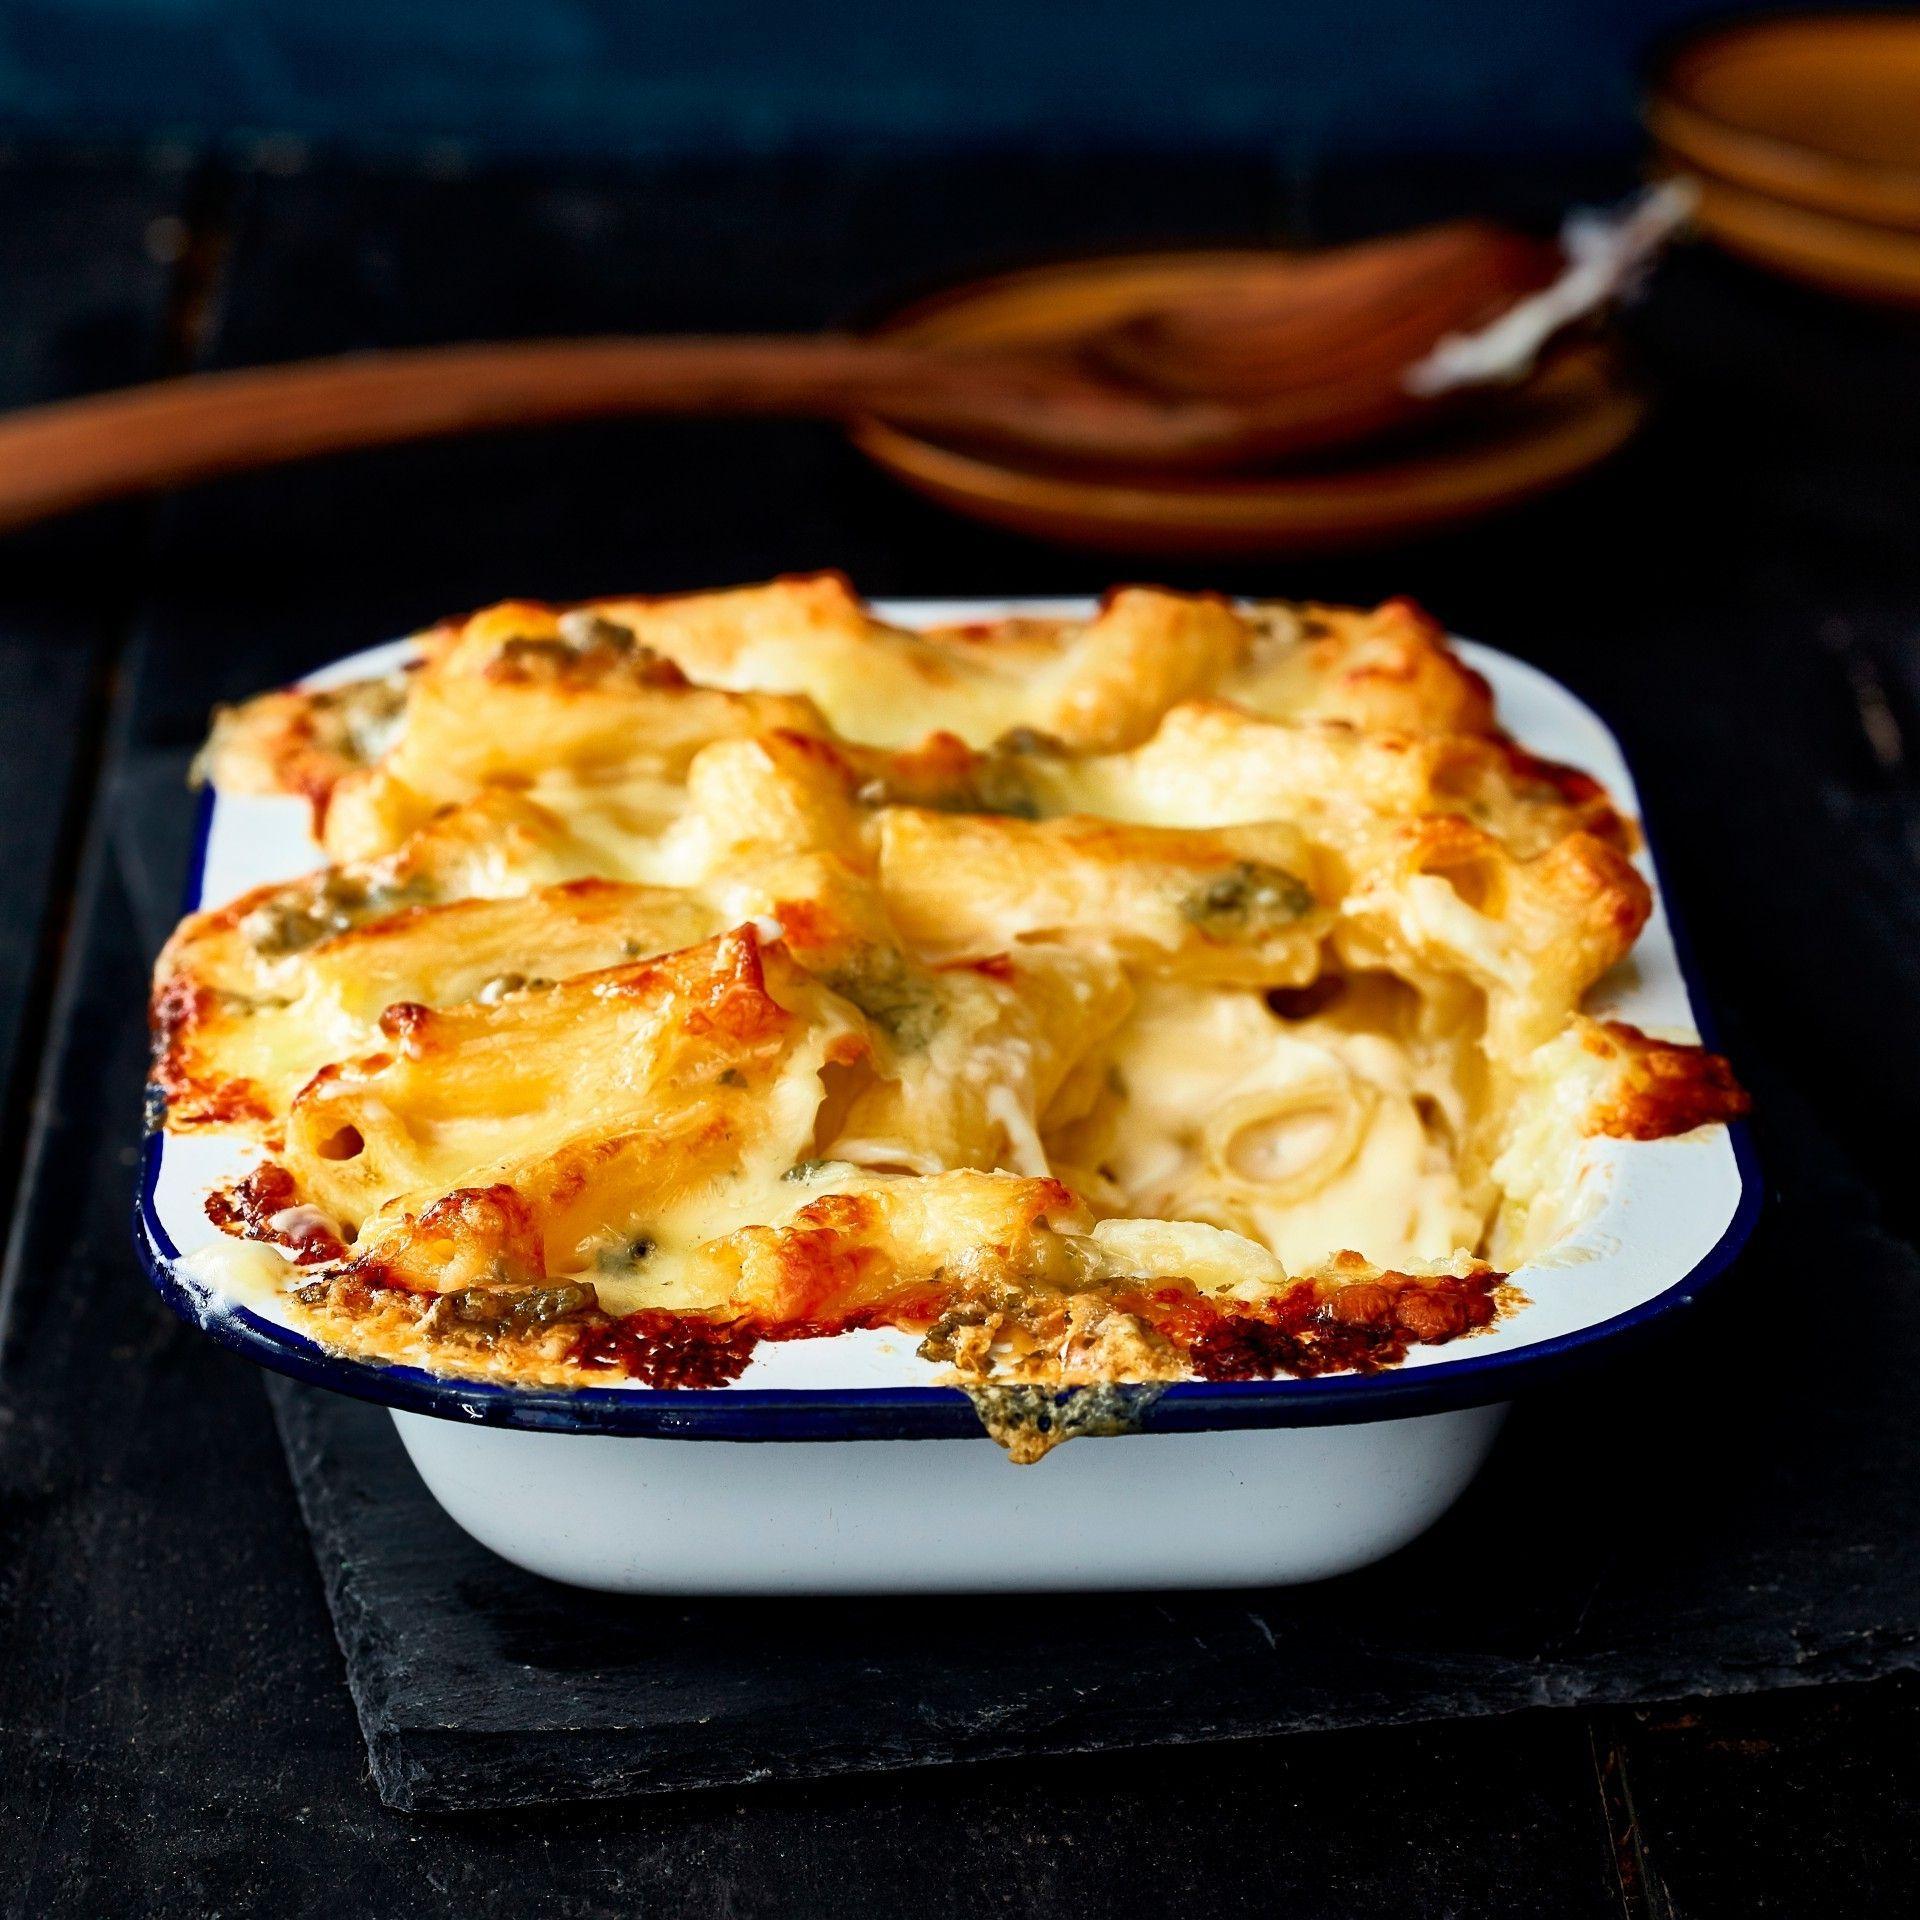 Queijo max 'n com molho de queijo Queijo max 'n com molho de queijo